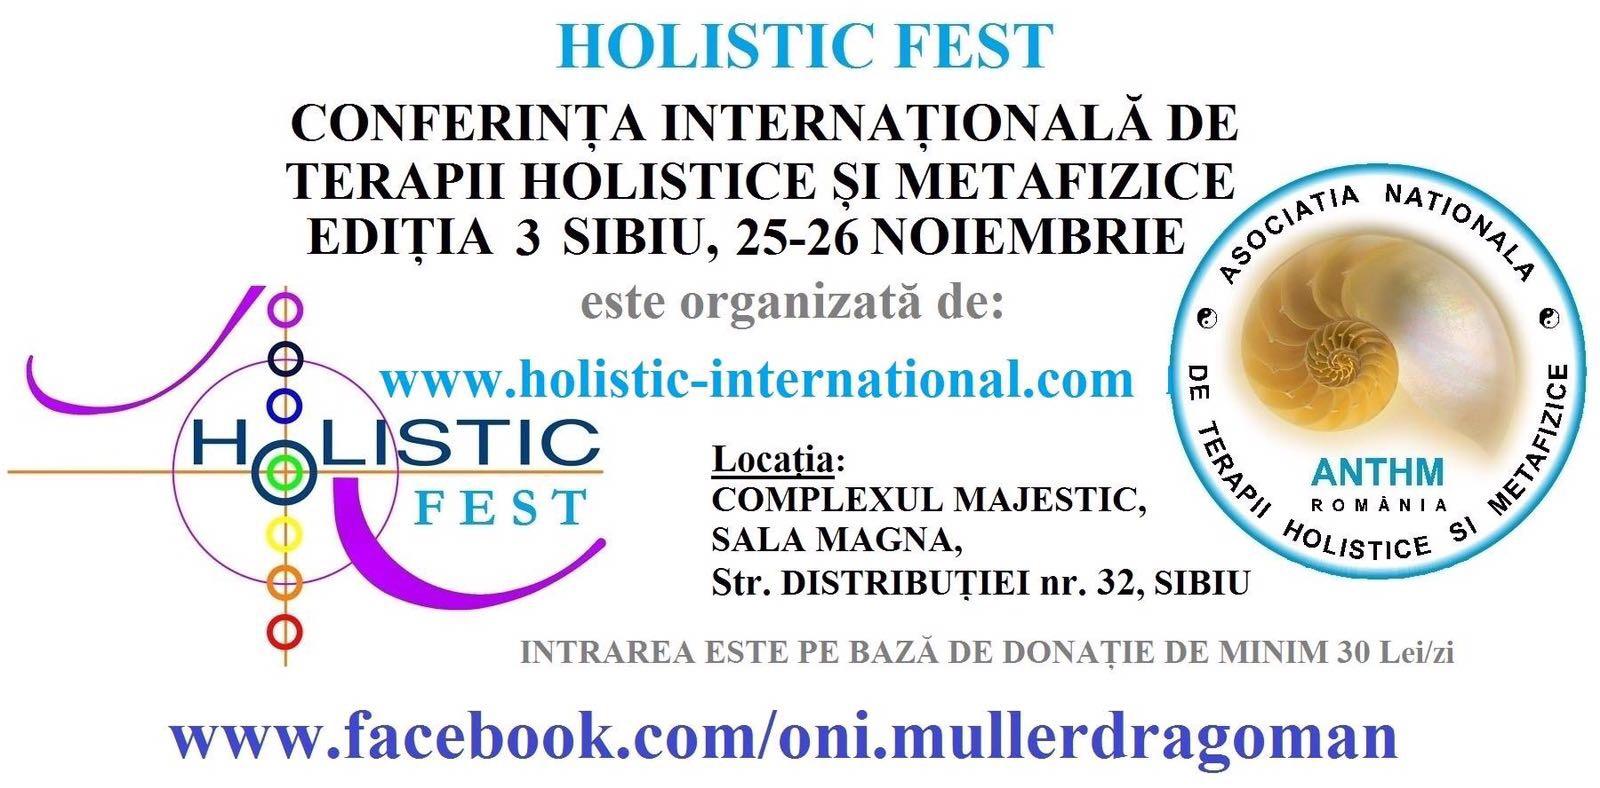 Holistic Fest 2017, Conferinta Internationala a Terapiilor Holistice si Metafizice Sibiu, editia 3